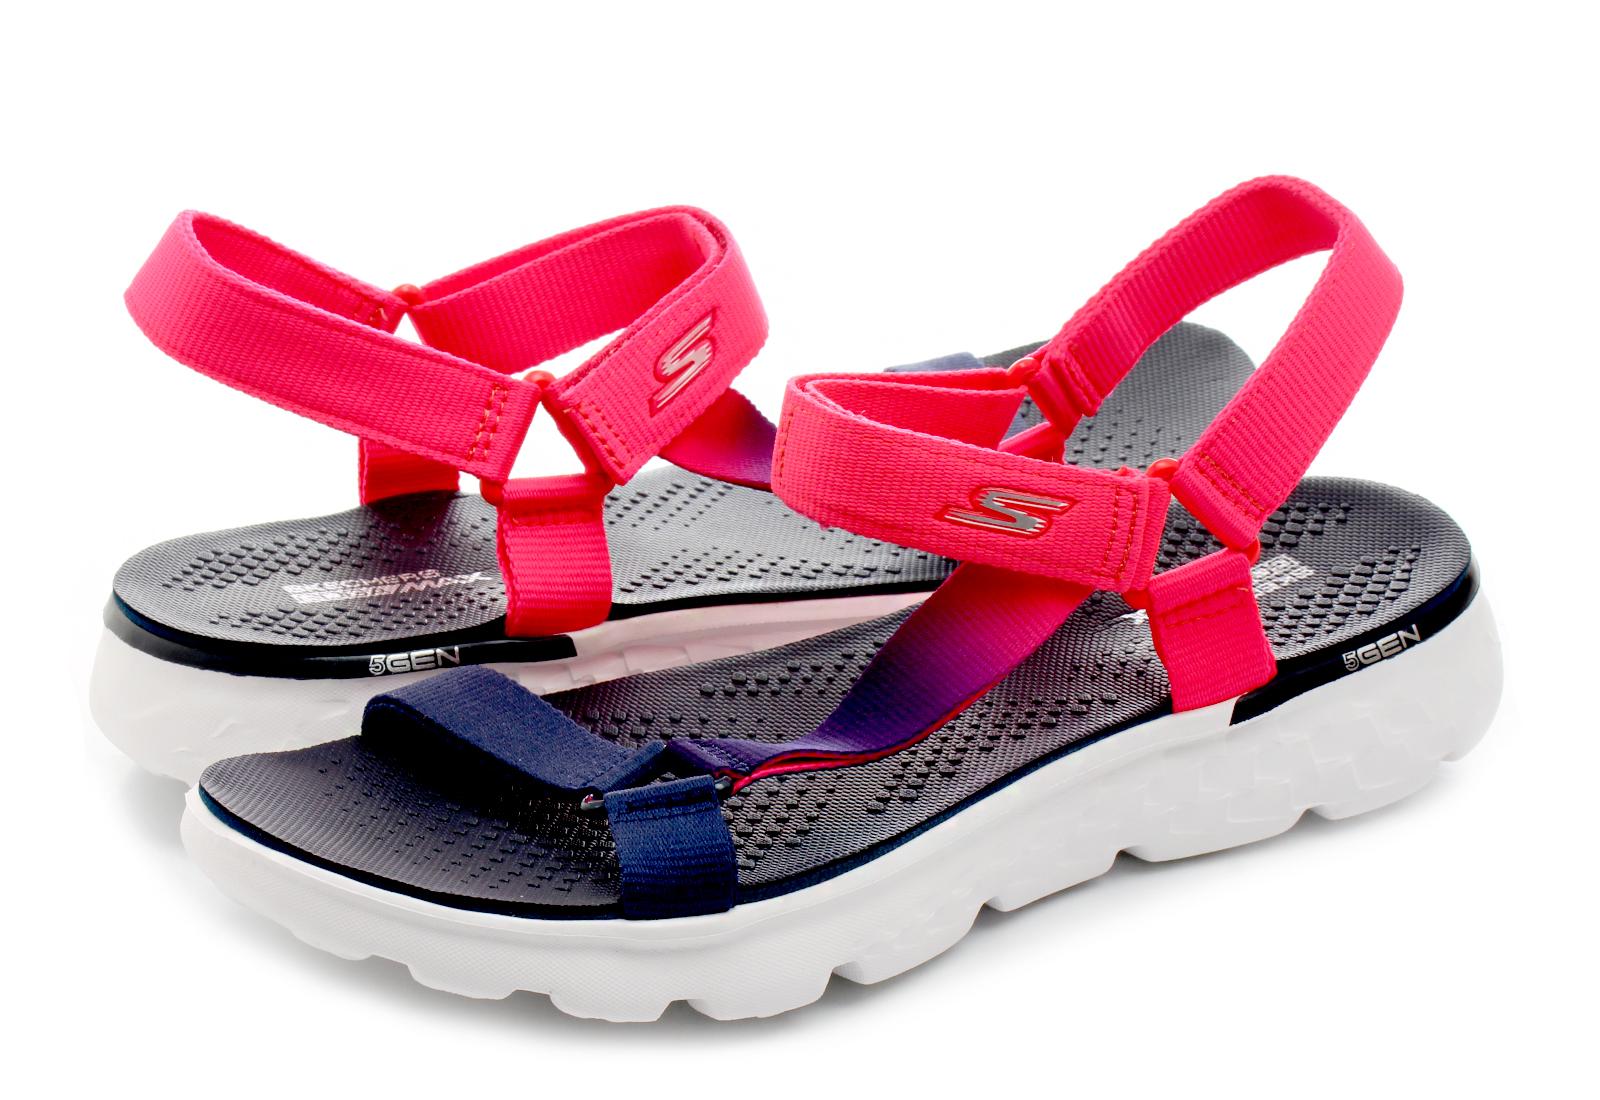 Skechers Office Shoes Women